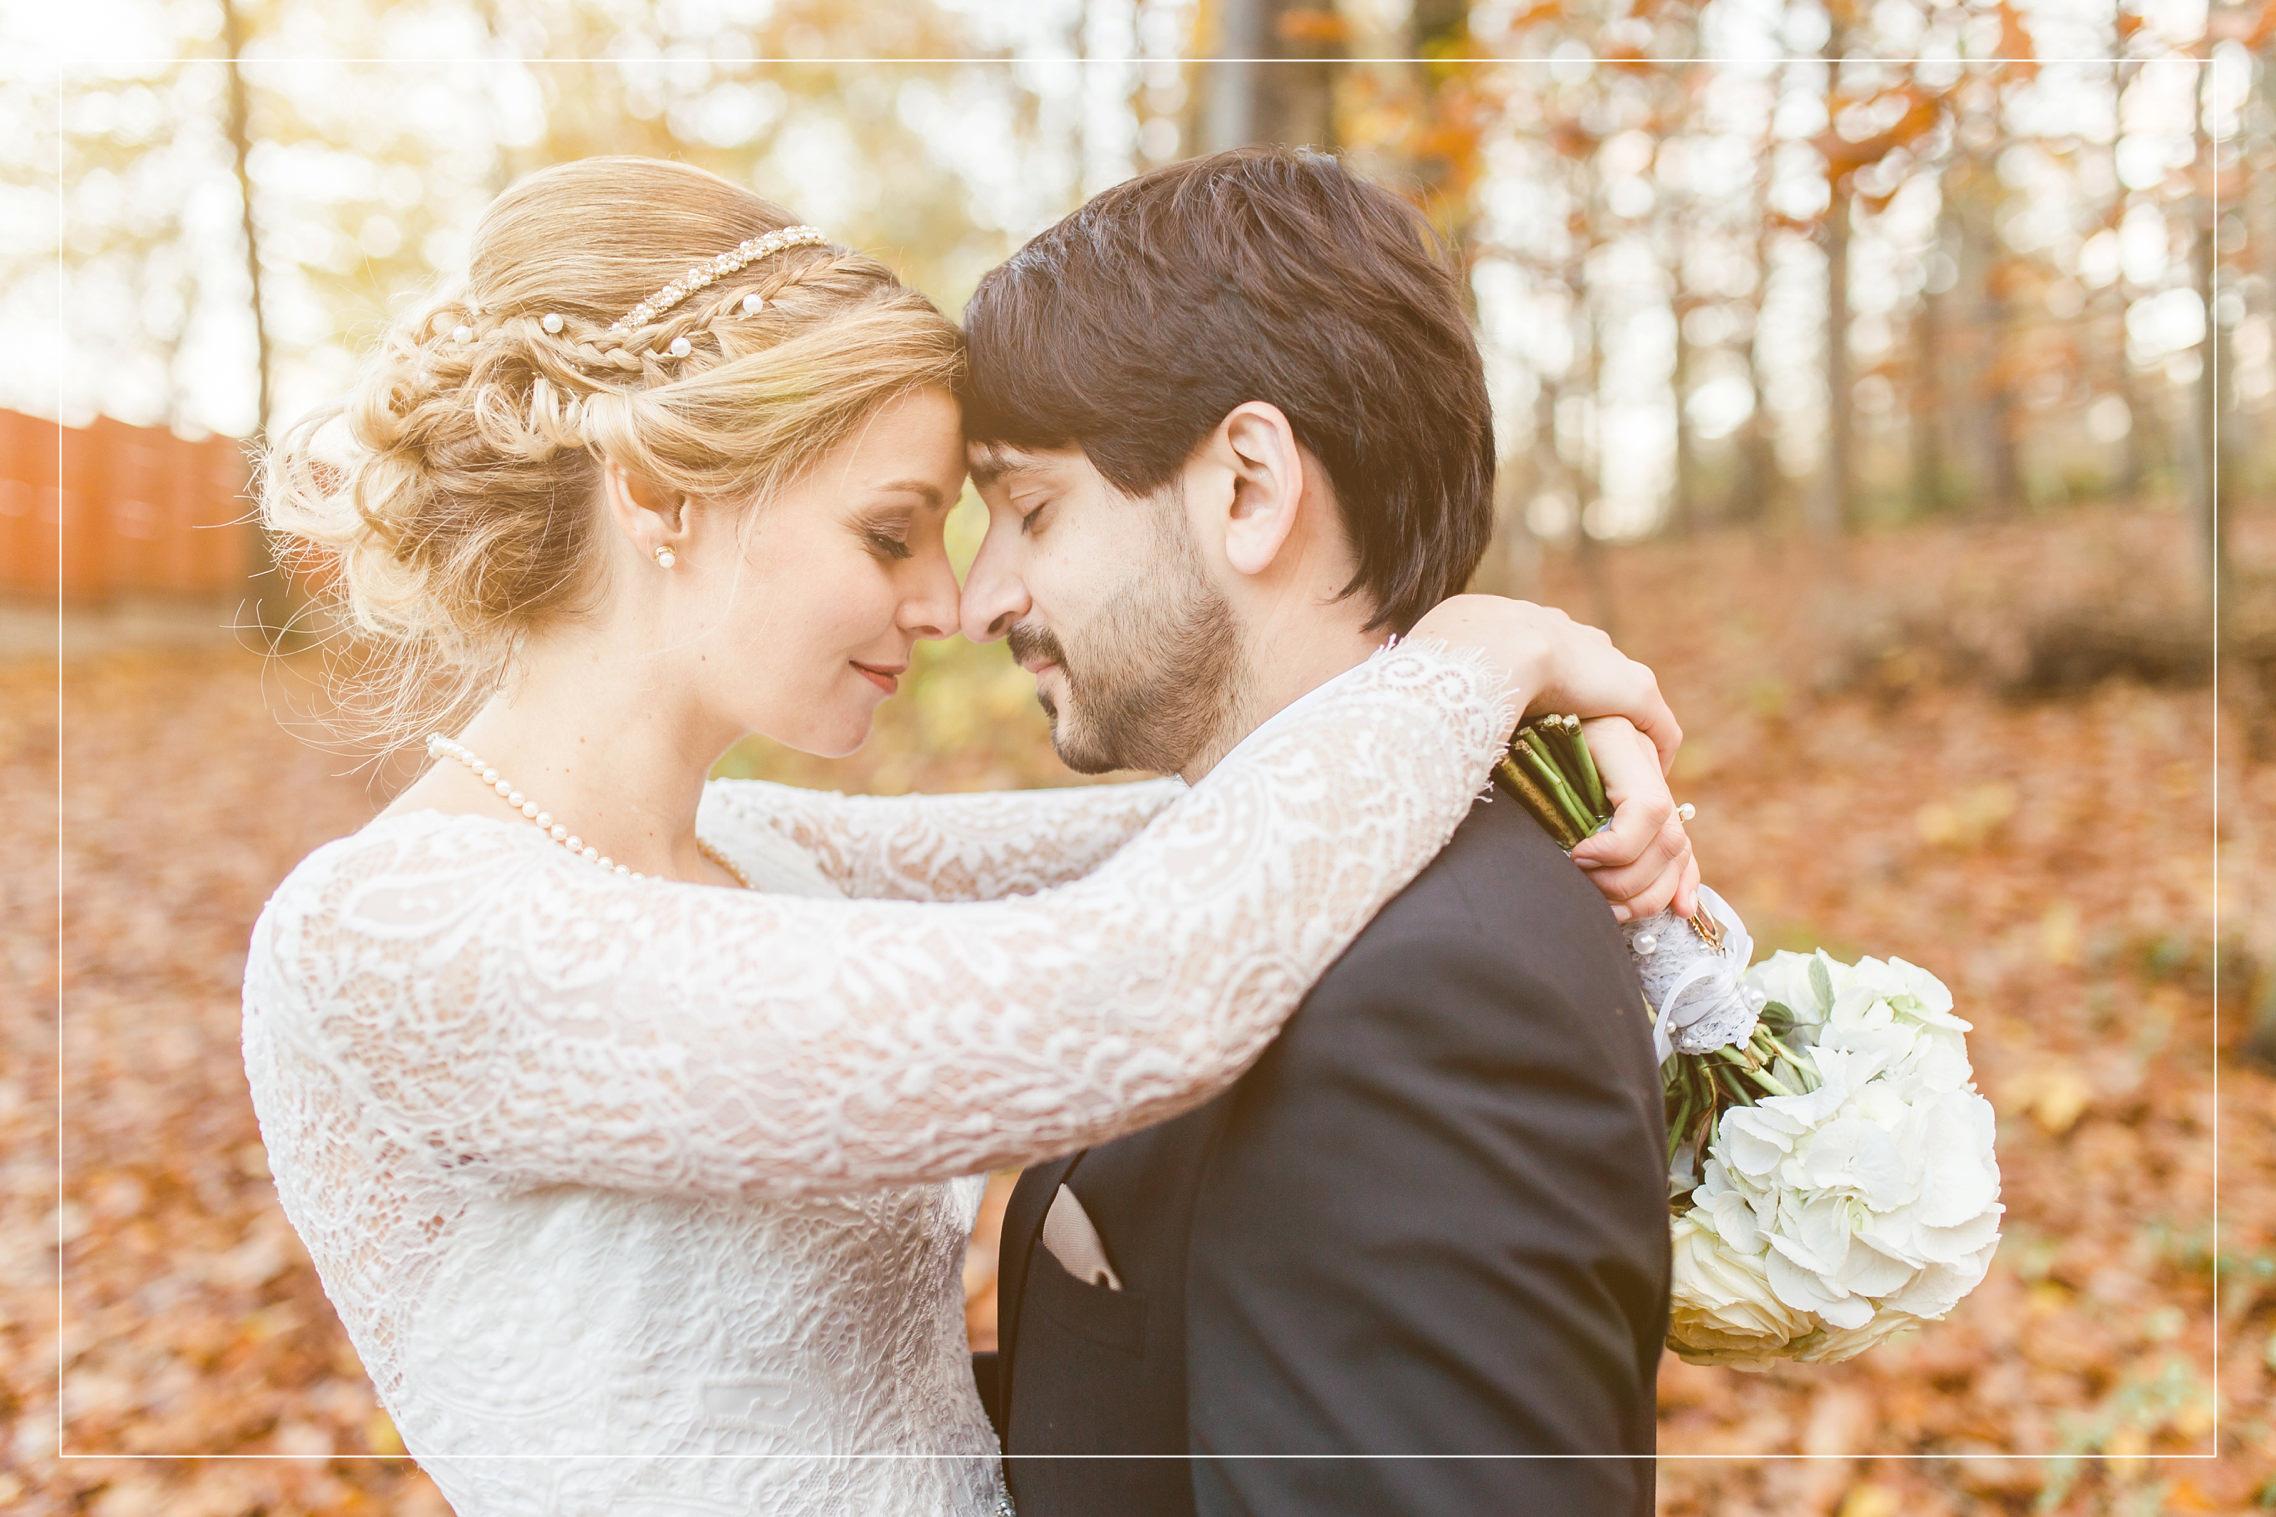 Herbstliche November-Hochzeitsreportage in Essen mit einem sehr verliebten Brautpaar